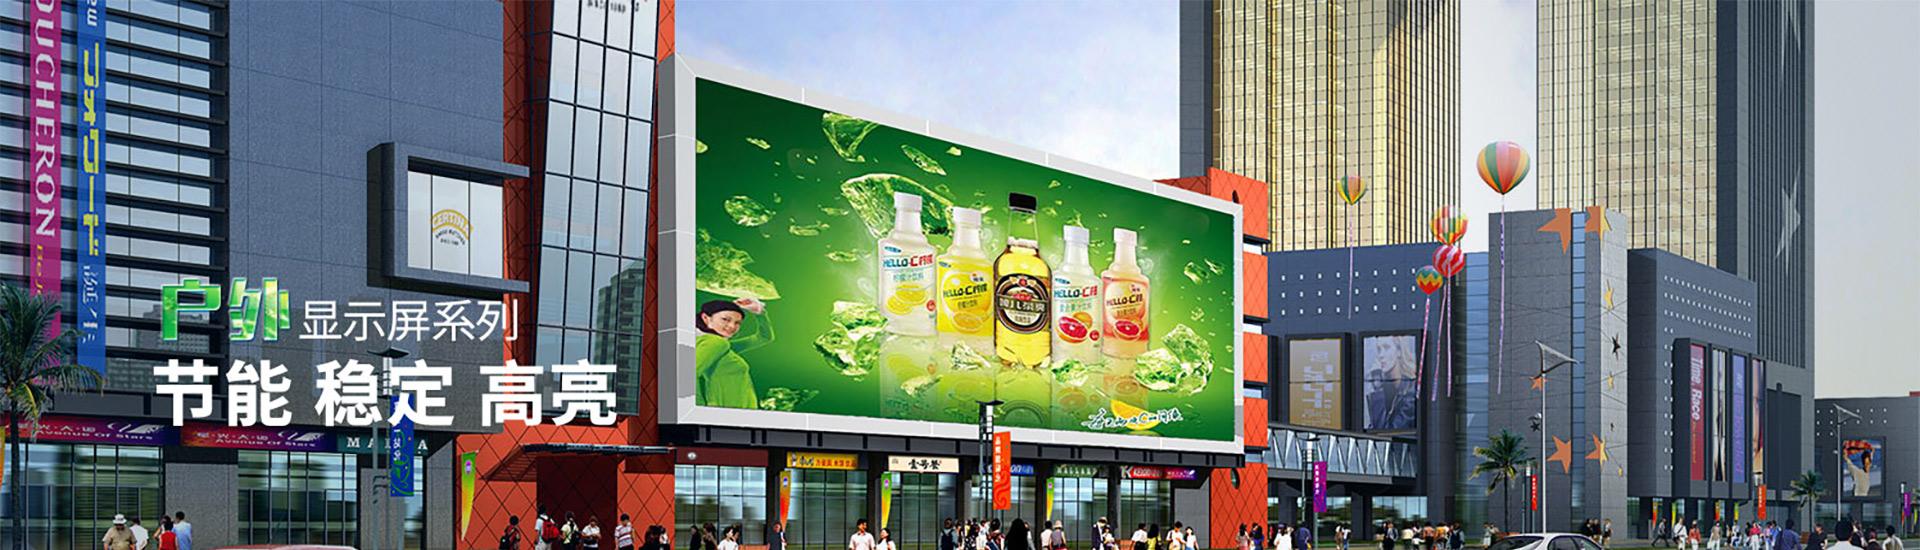 戶外的襄陽顯示屏廣告怎么選擇位置